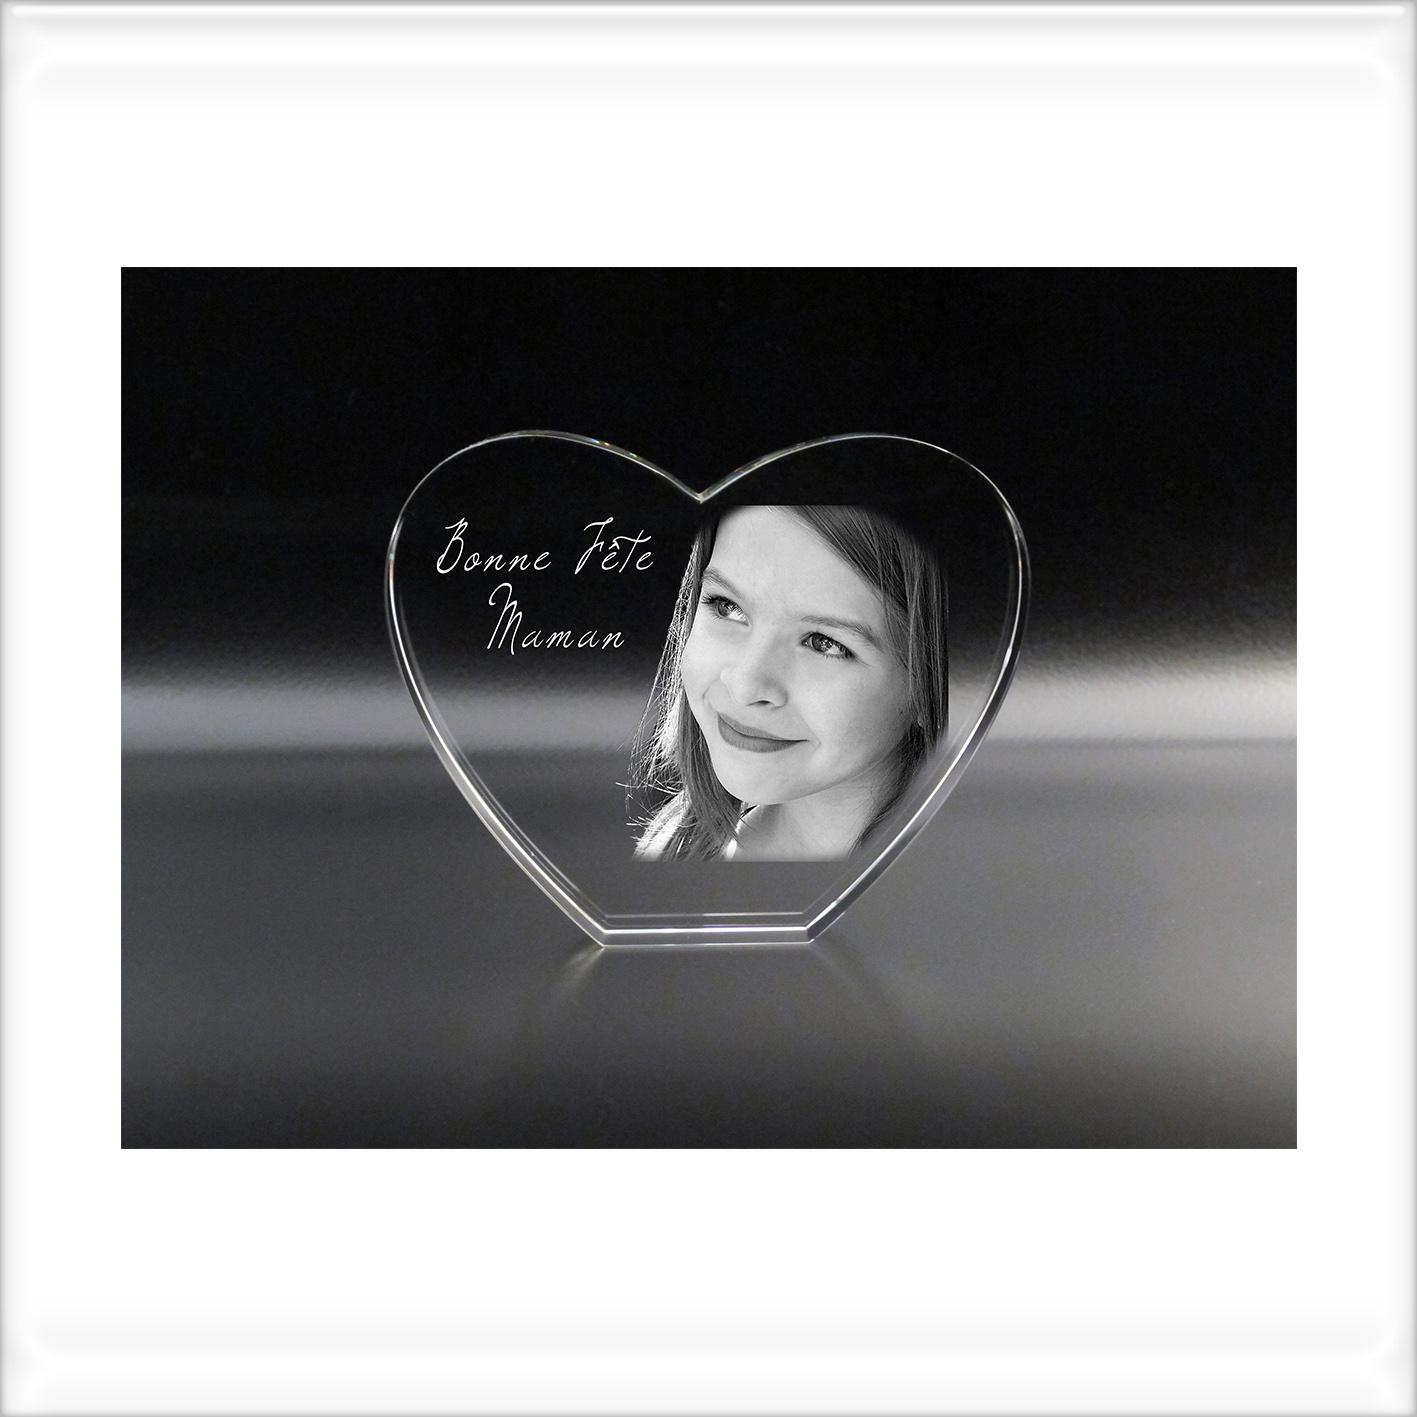 coeur personnalisé avec gravure portrait et texte dans le verre